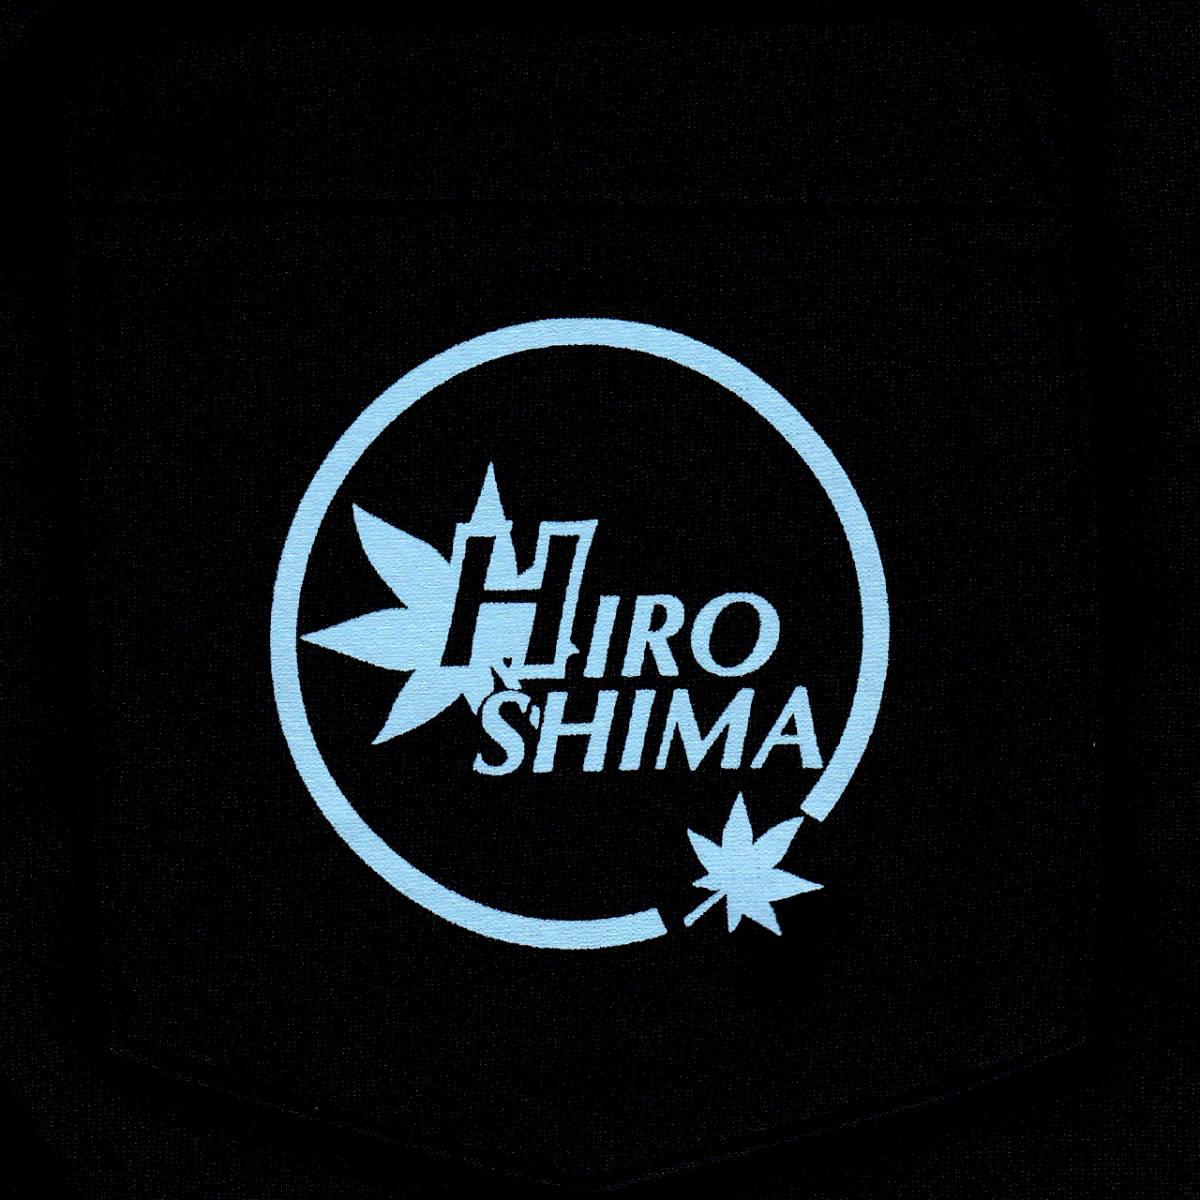 ドライポロシャツ 広島ロゴ ブラック生地_画像3